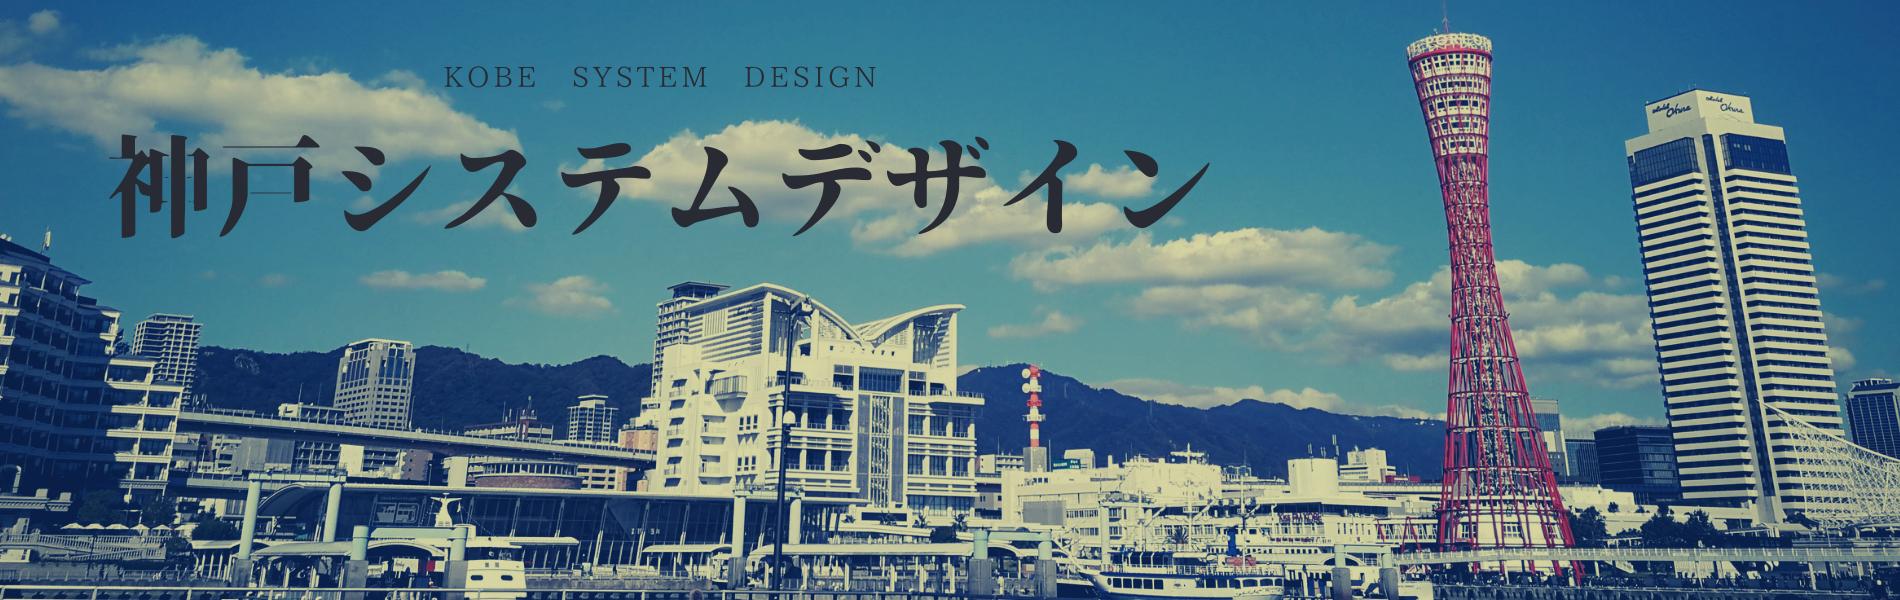 神戸システムデザイン